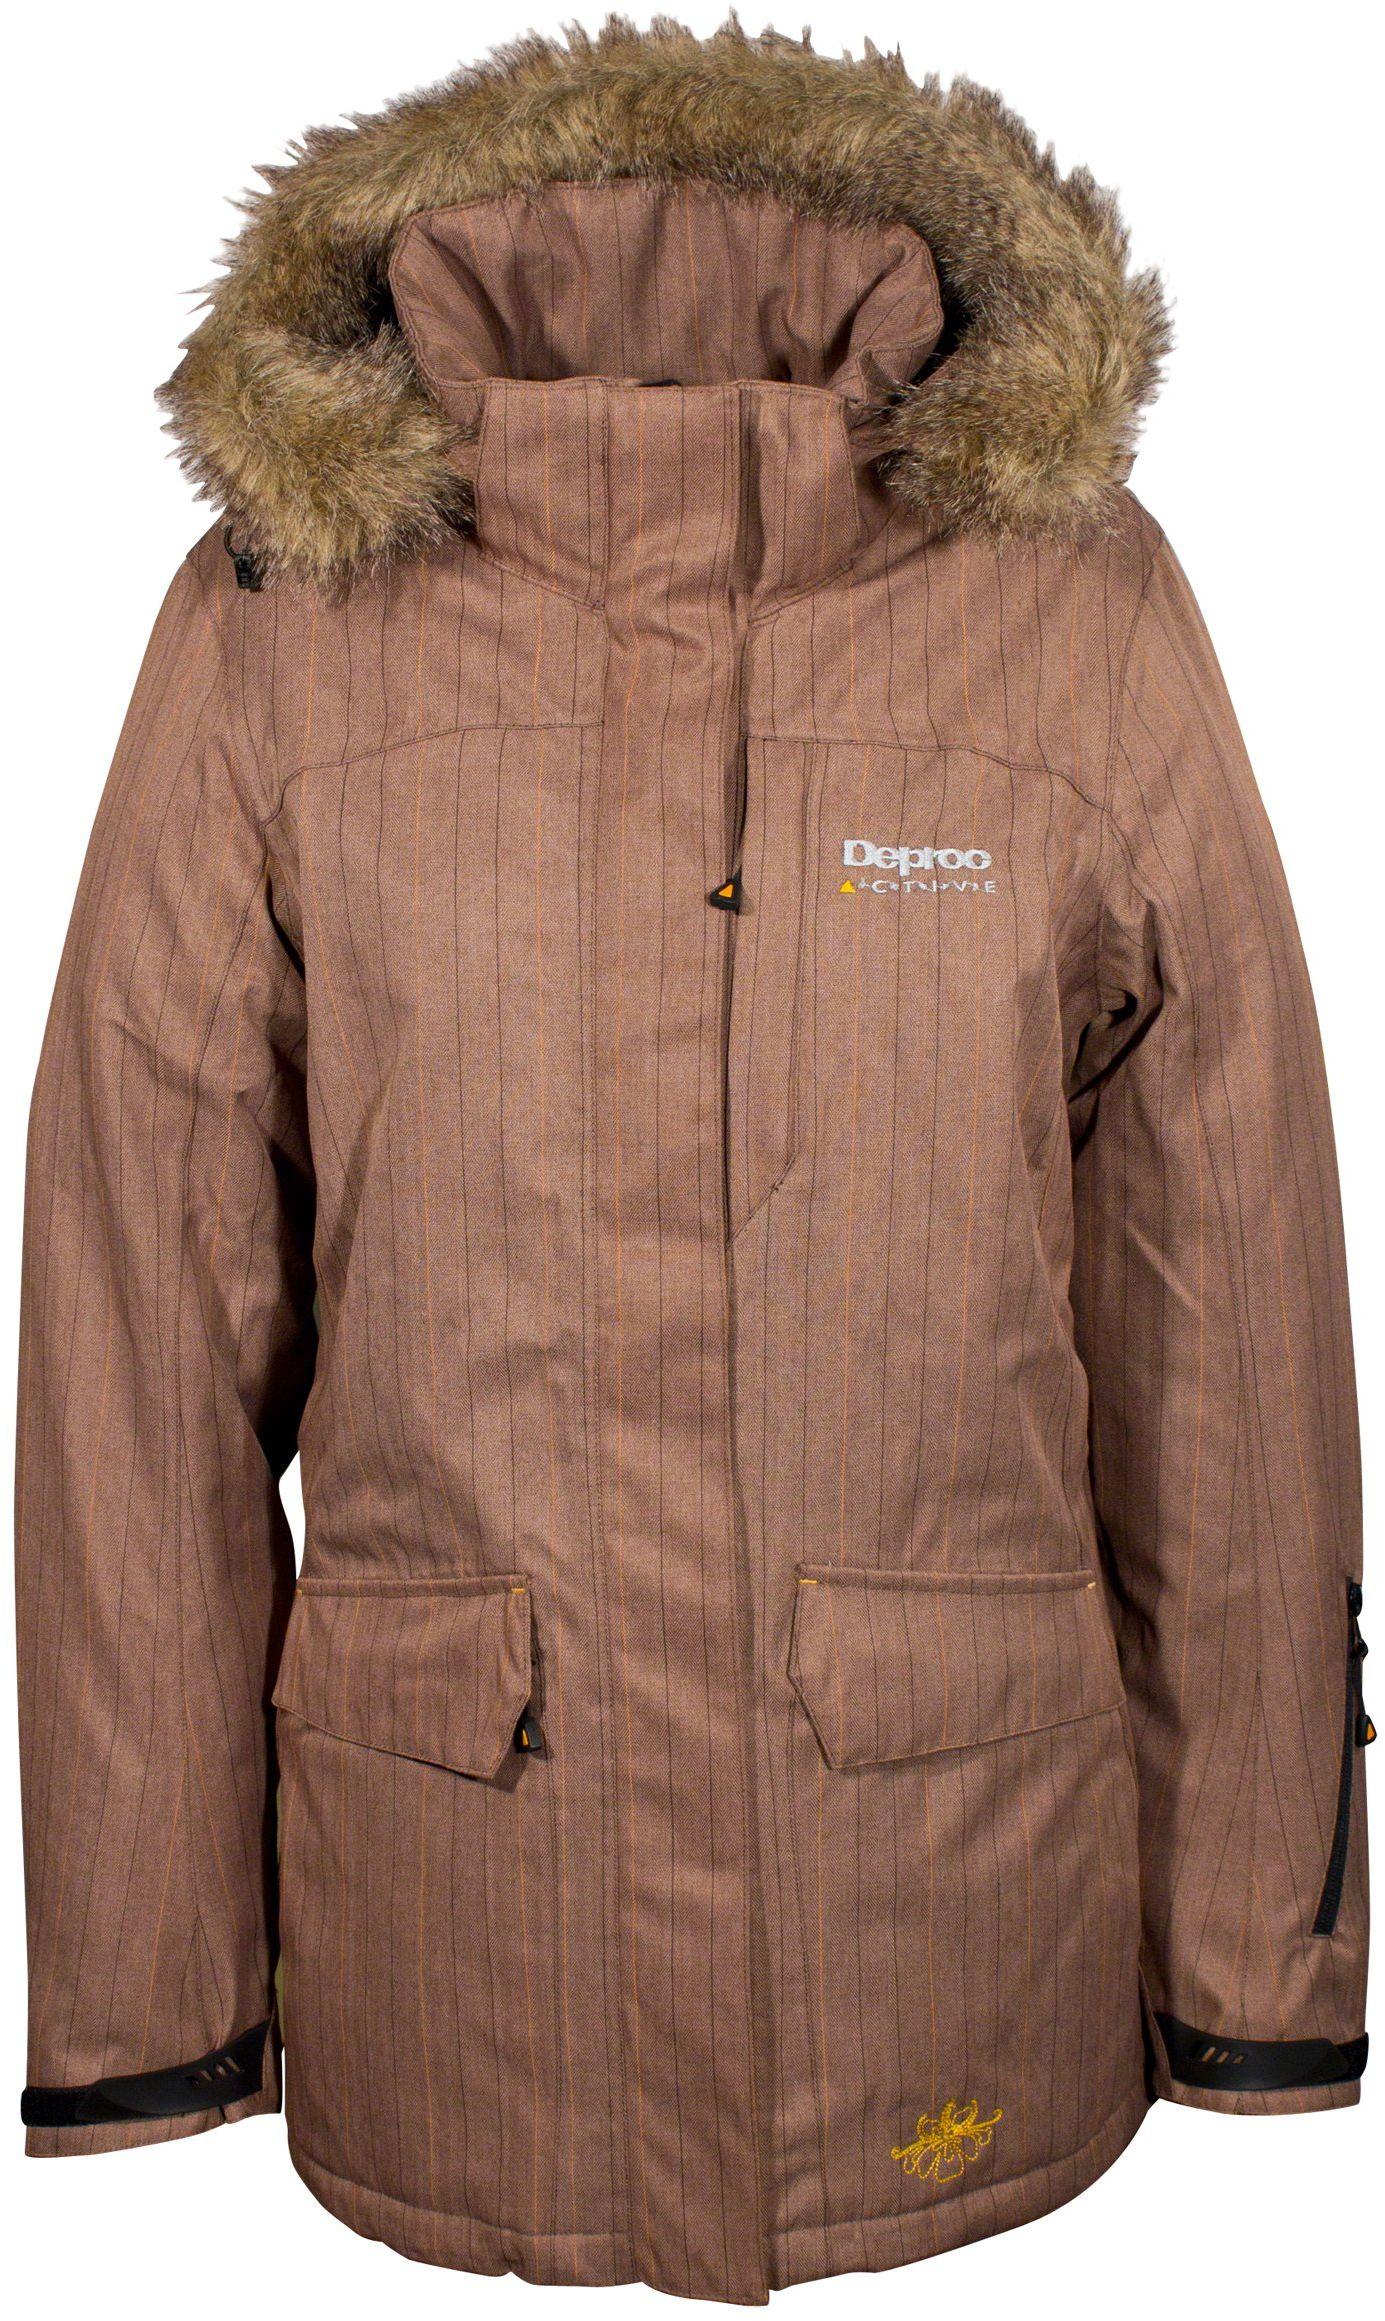 Deproc Active damska kurtka funkcyjna parka brązowy brązowy 42